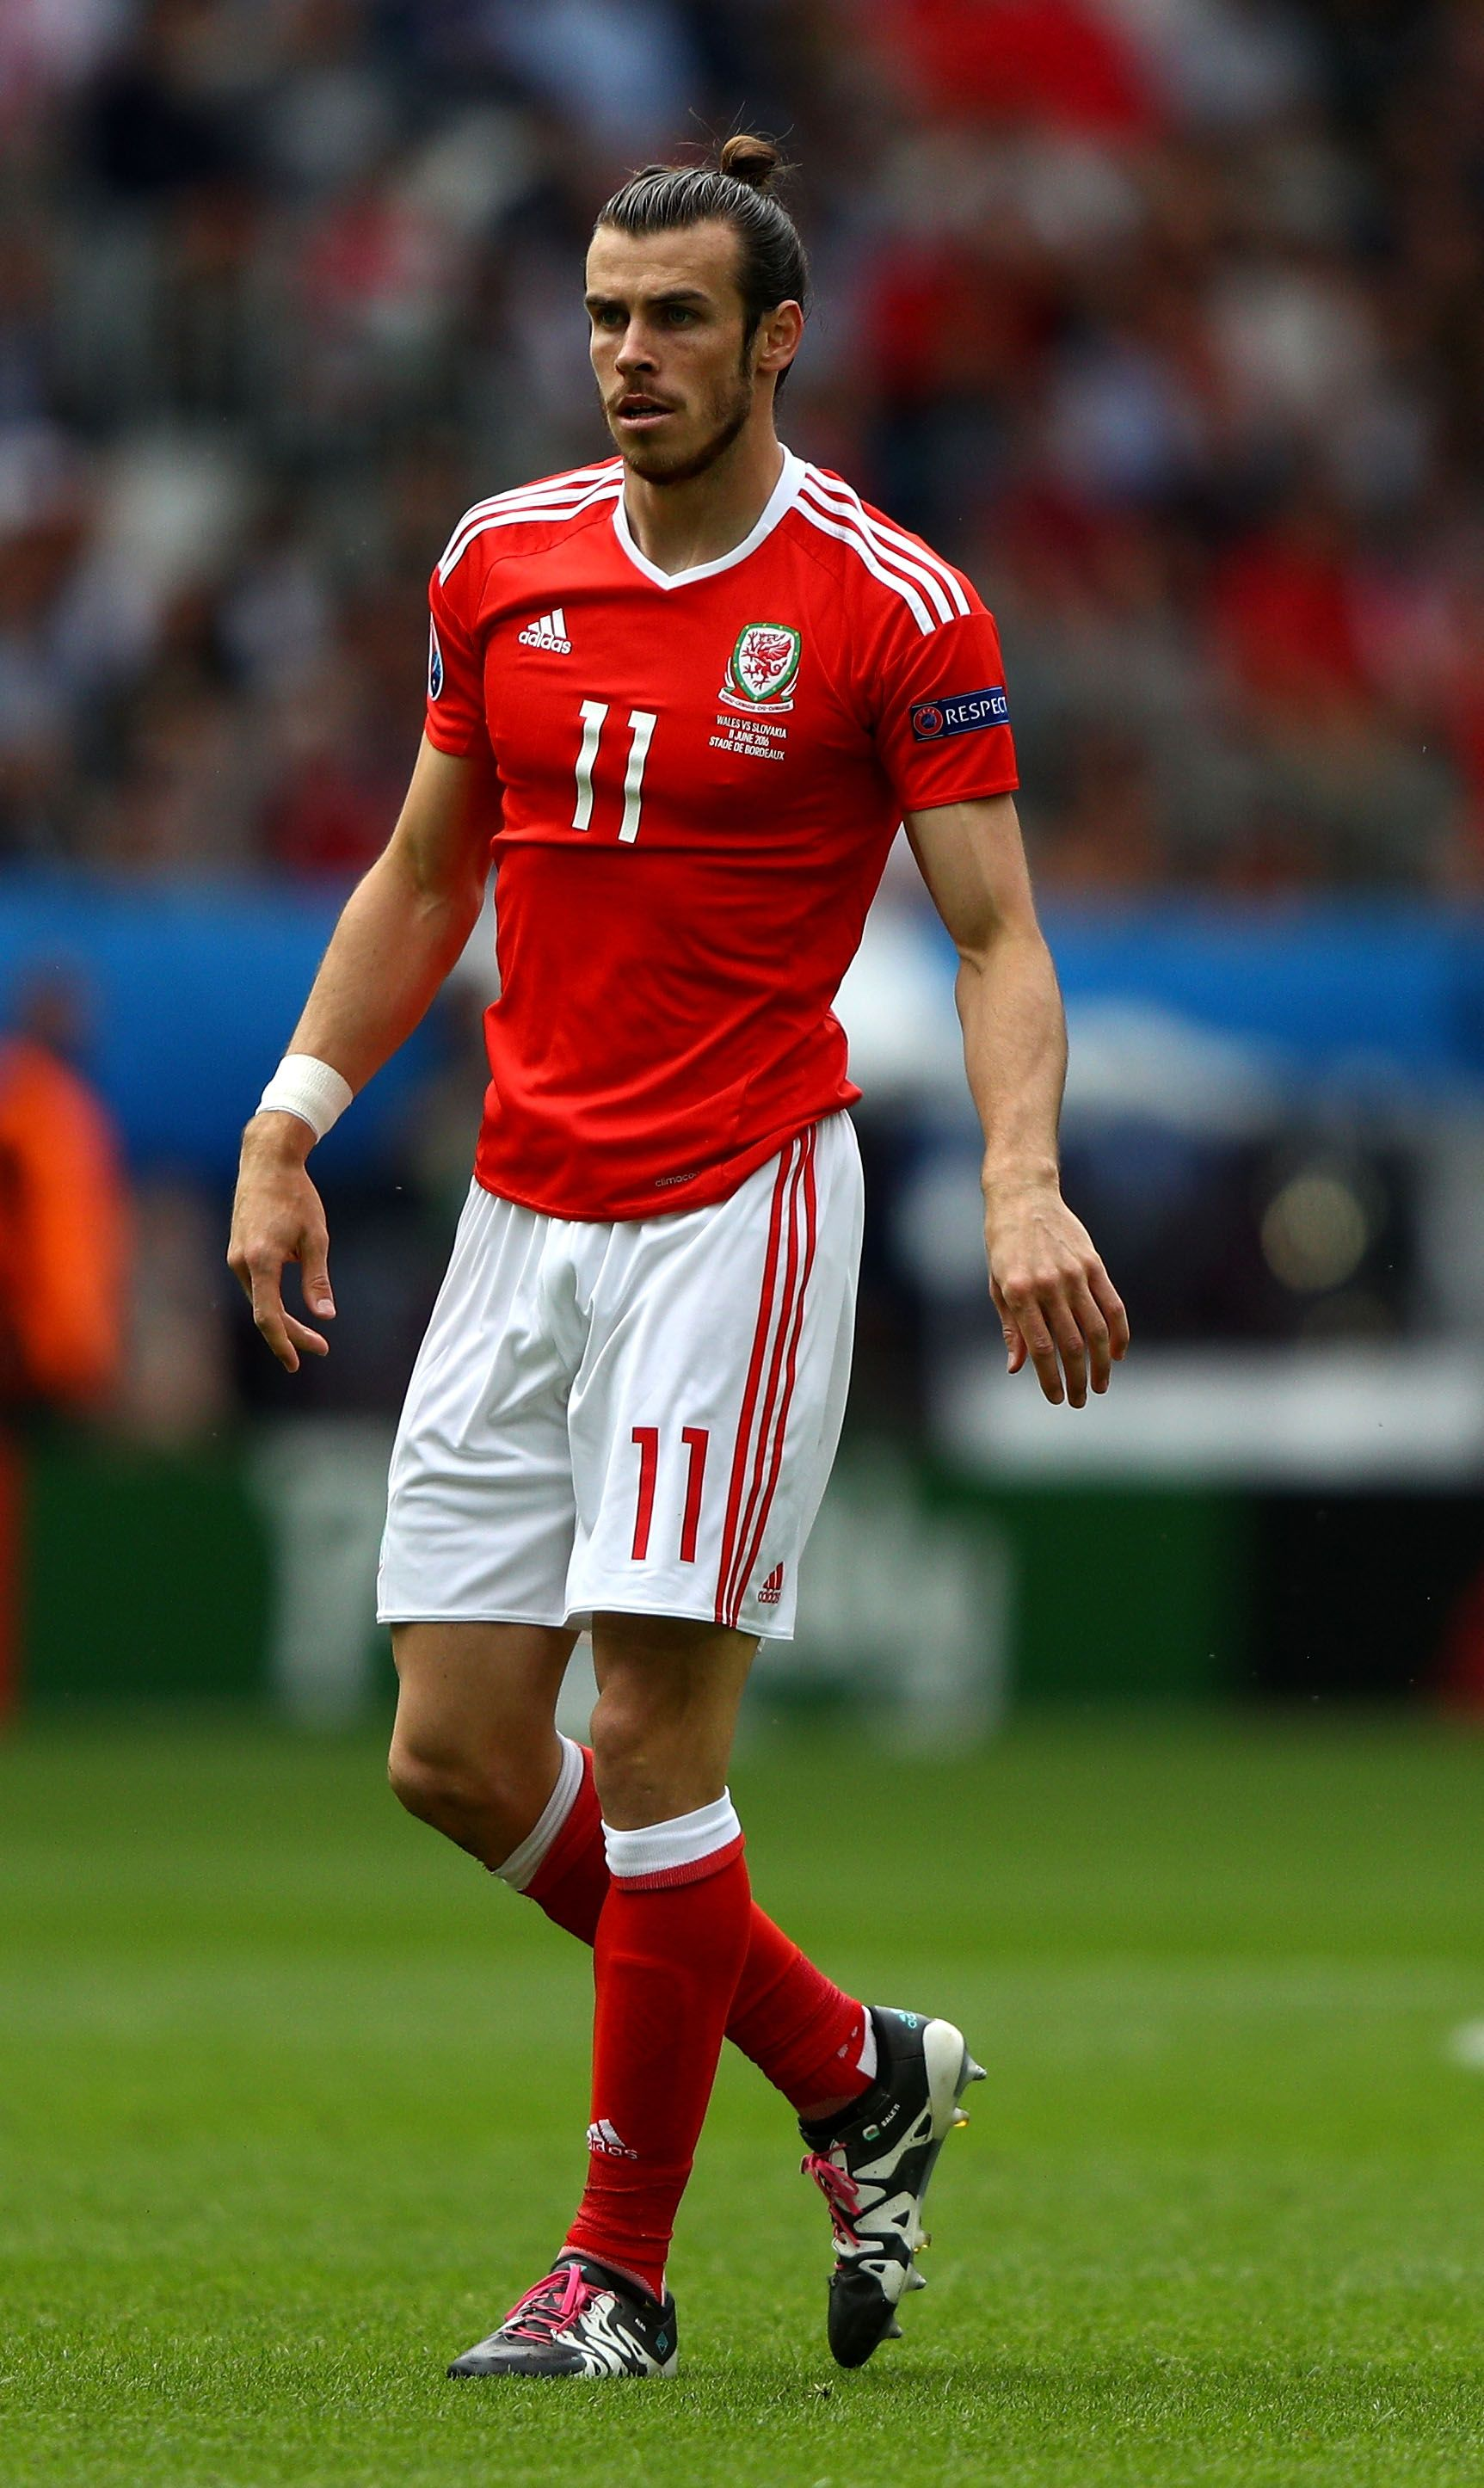 Bordeaux France June 11 Gareth Bale Of Wales Is Seen